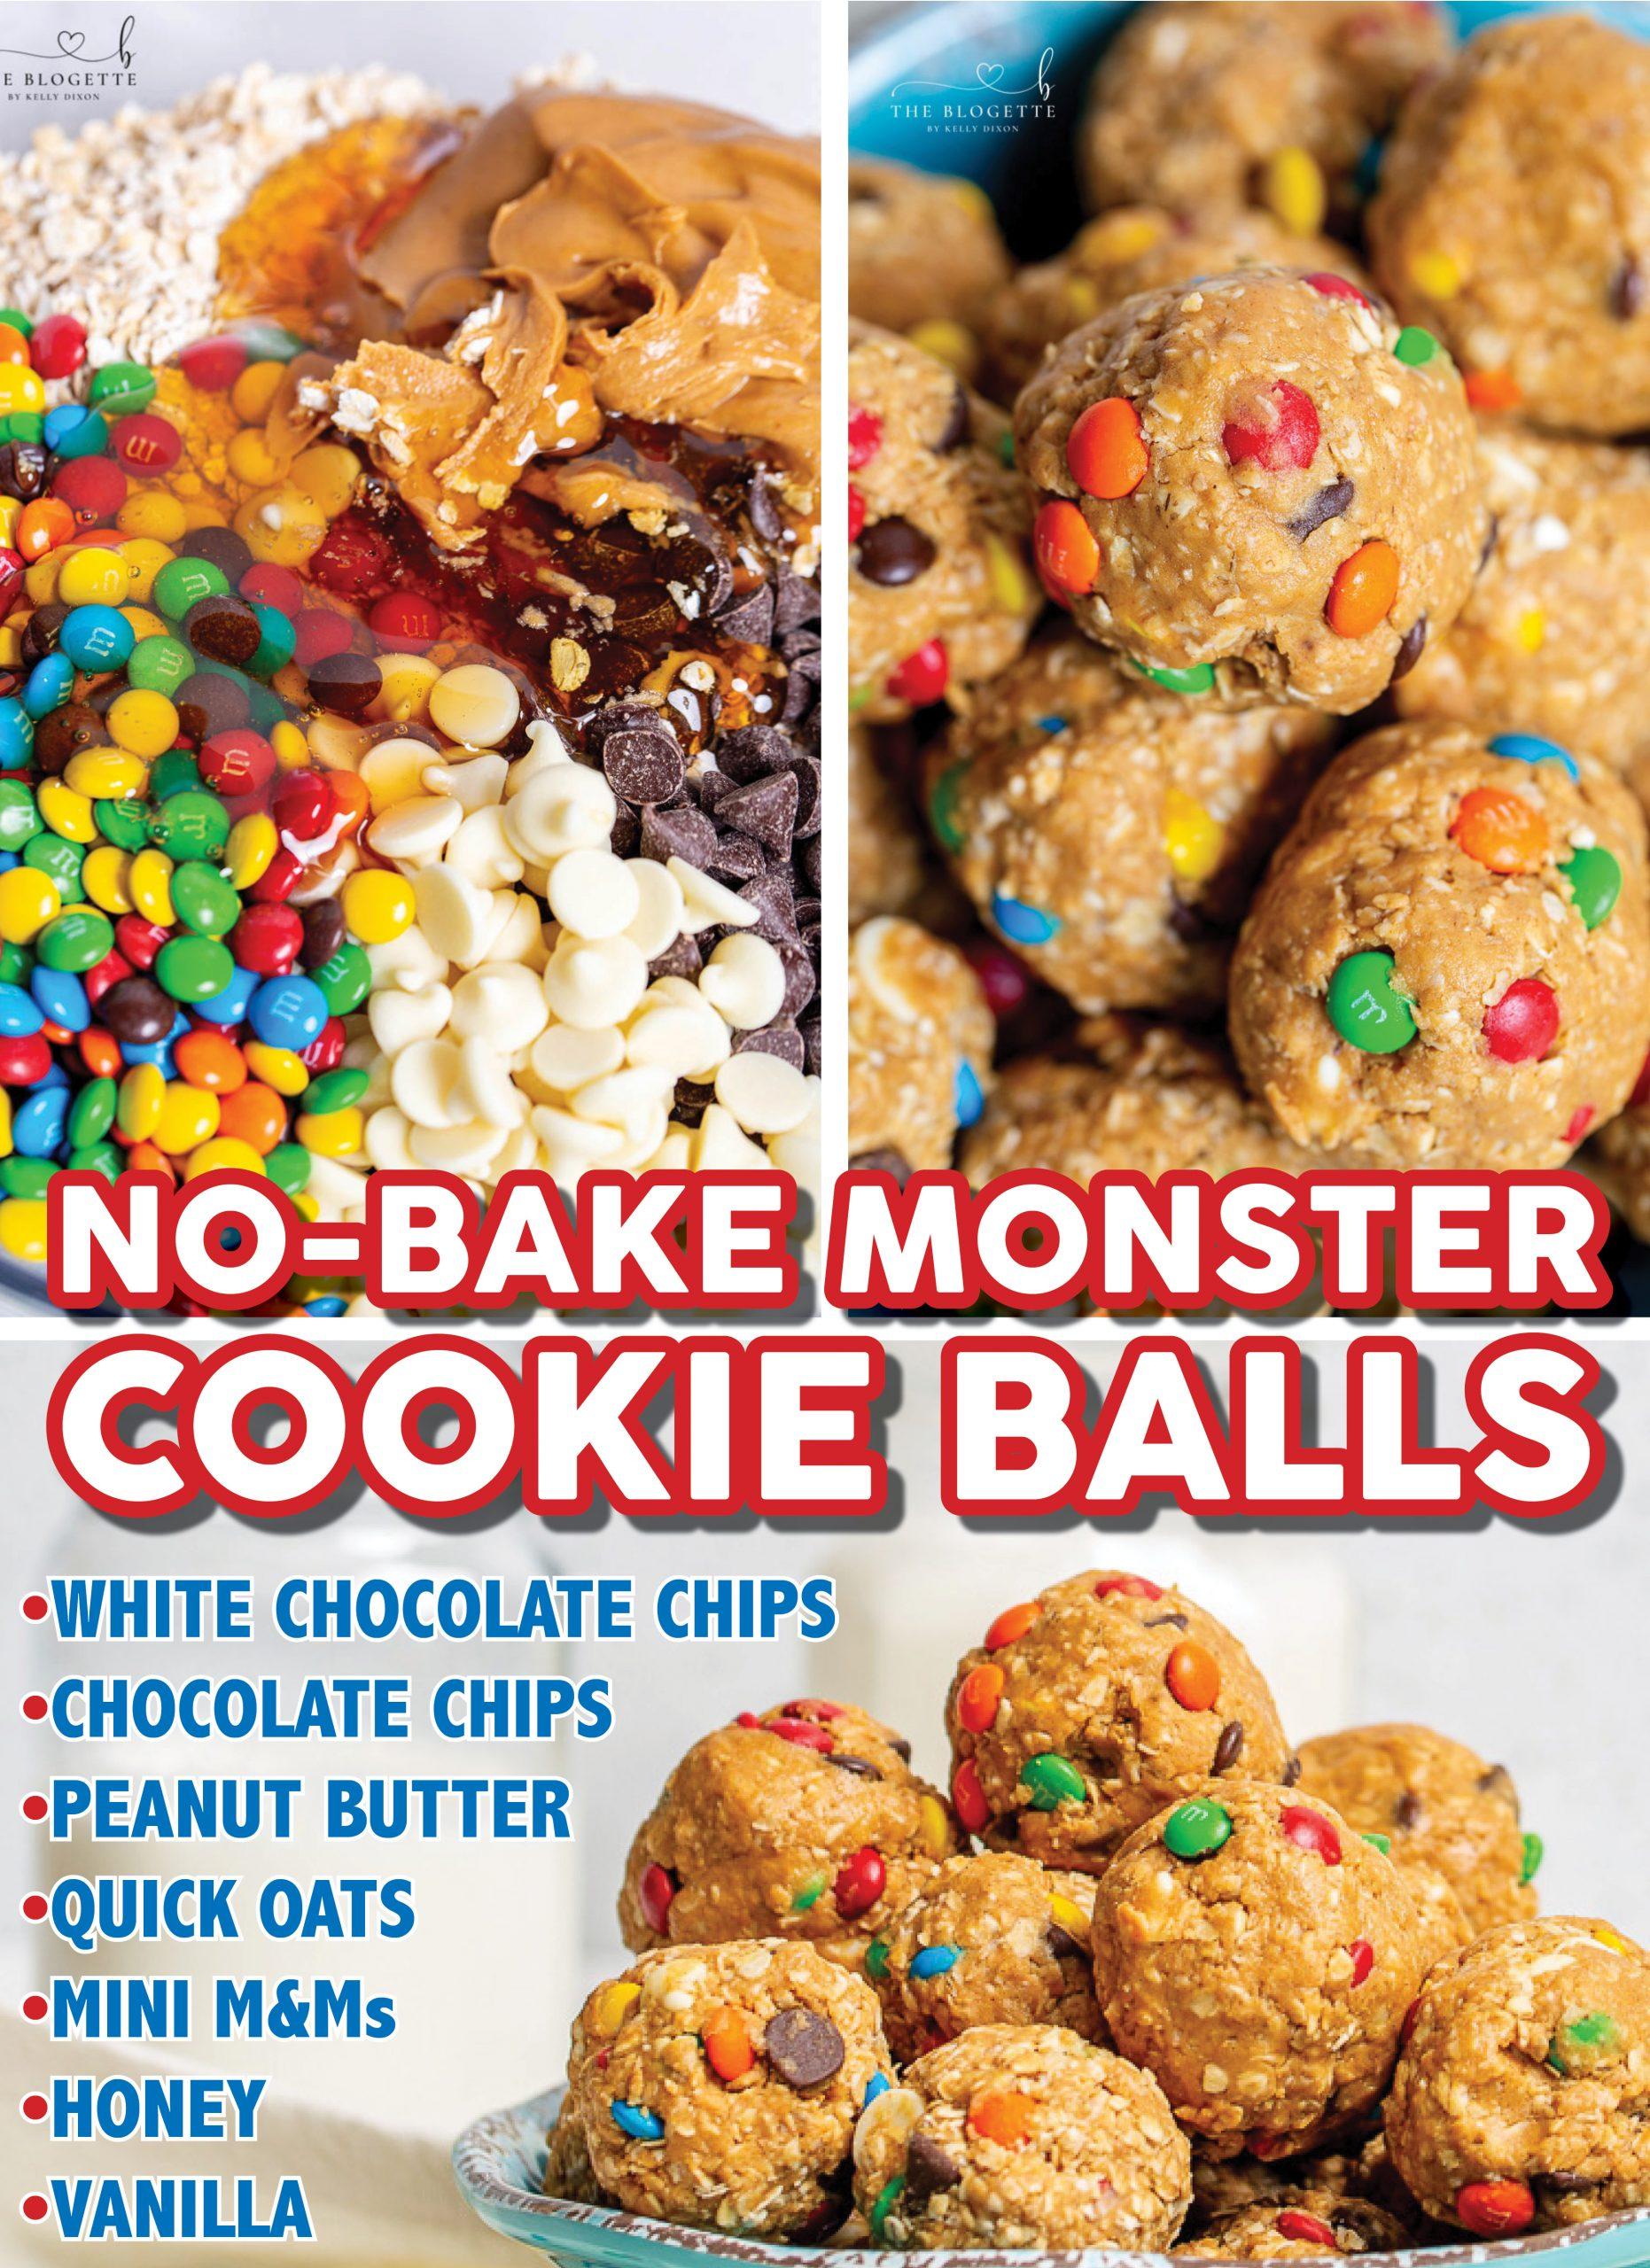 Não-assar Monster Cookie Balls é um deleite divertido e saboroso.  Esta receita clássica é a MELHOR!  Além de deliciosas, essas bolinhas monstruosas são super fáceis de fazer também!